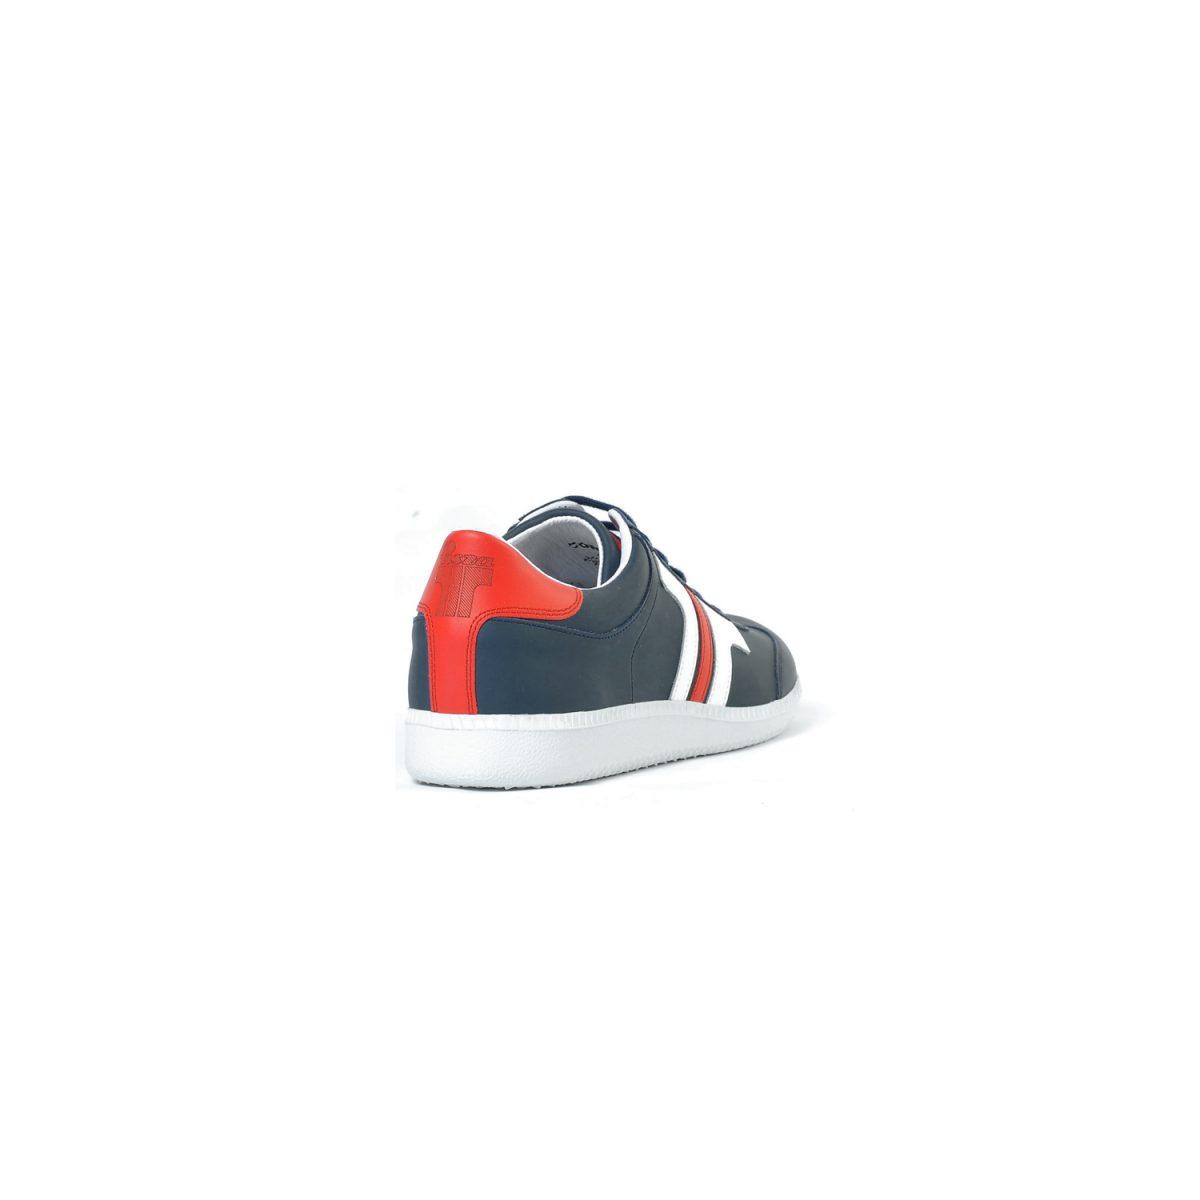 Tisza cipő - Compakt - Sötétkék-fehér-piros